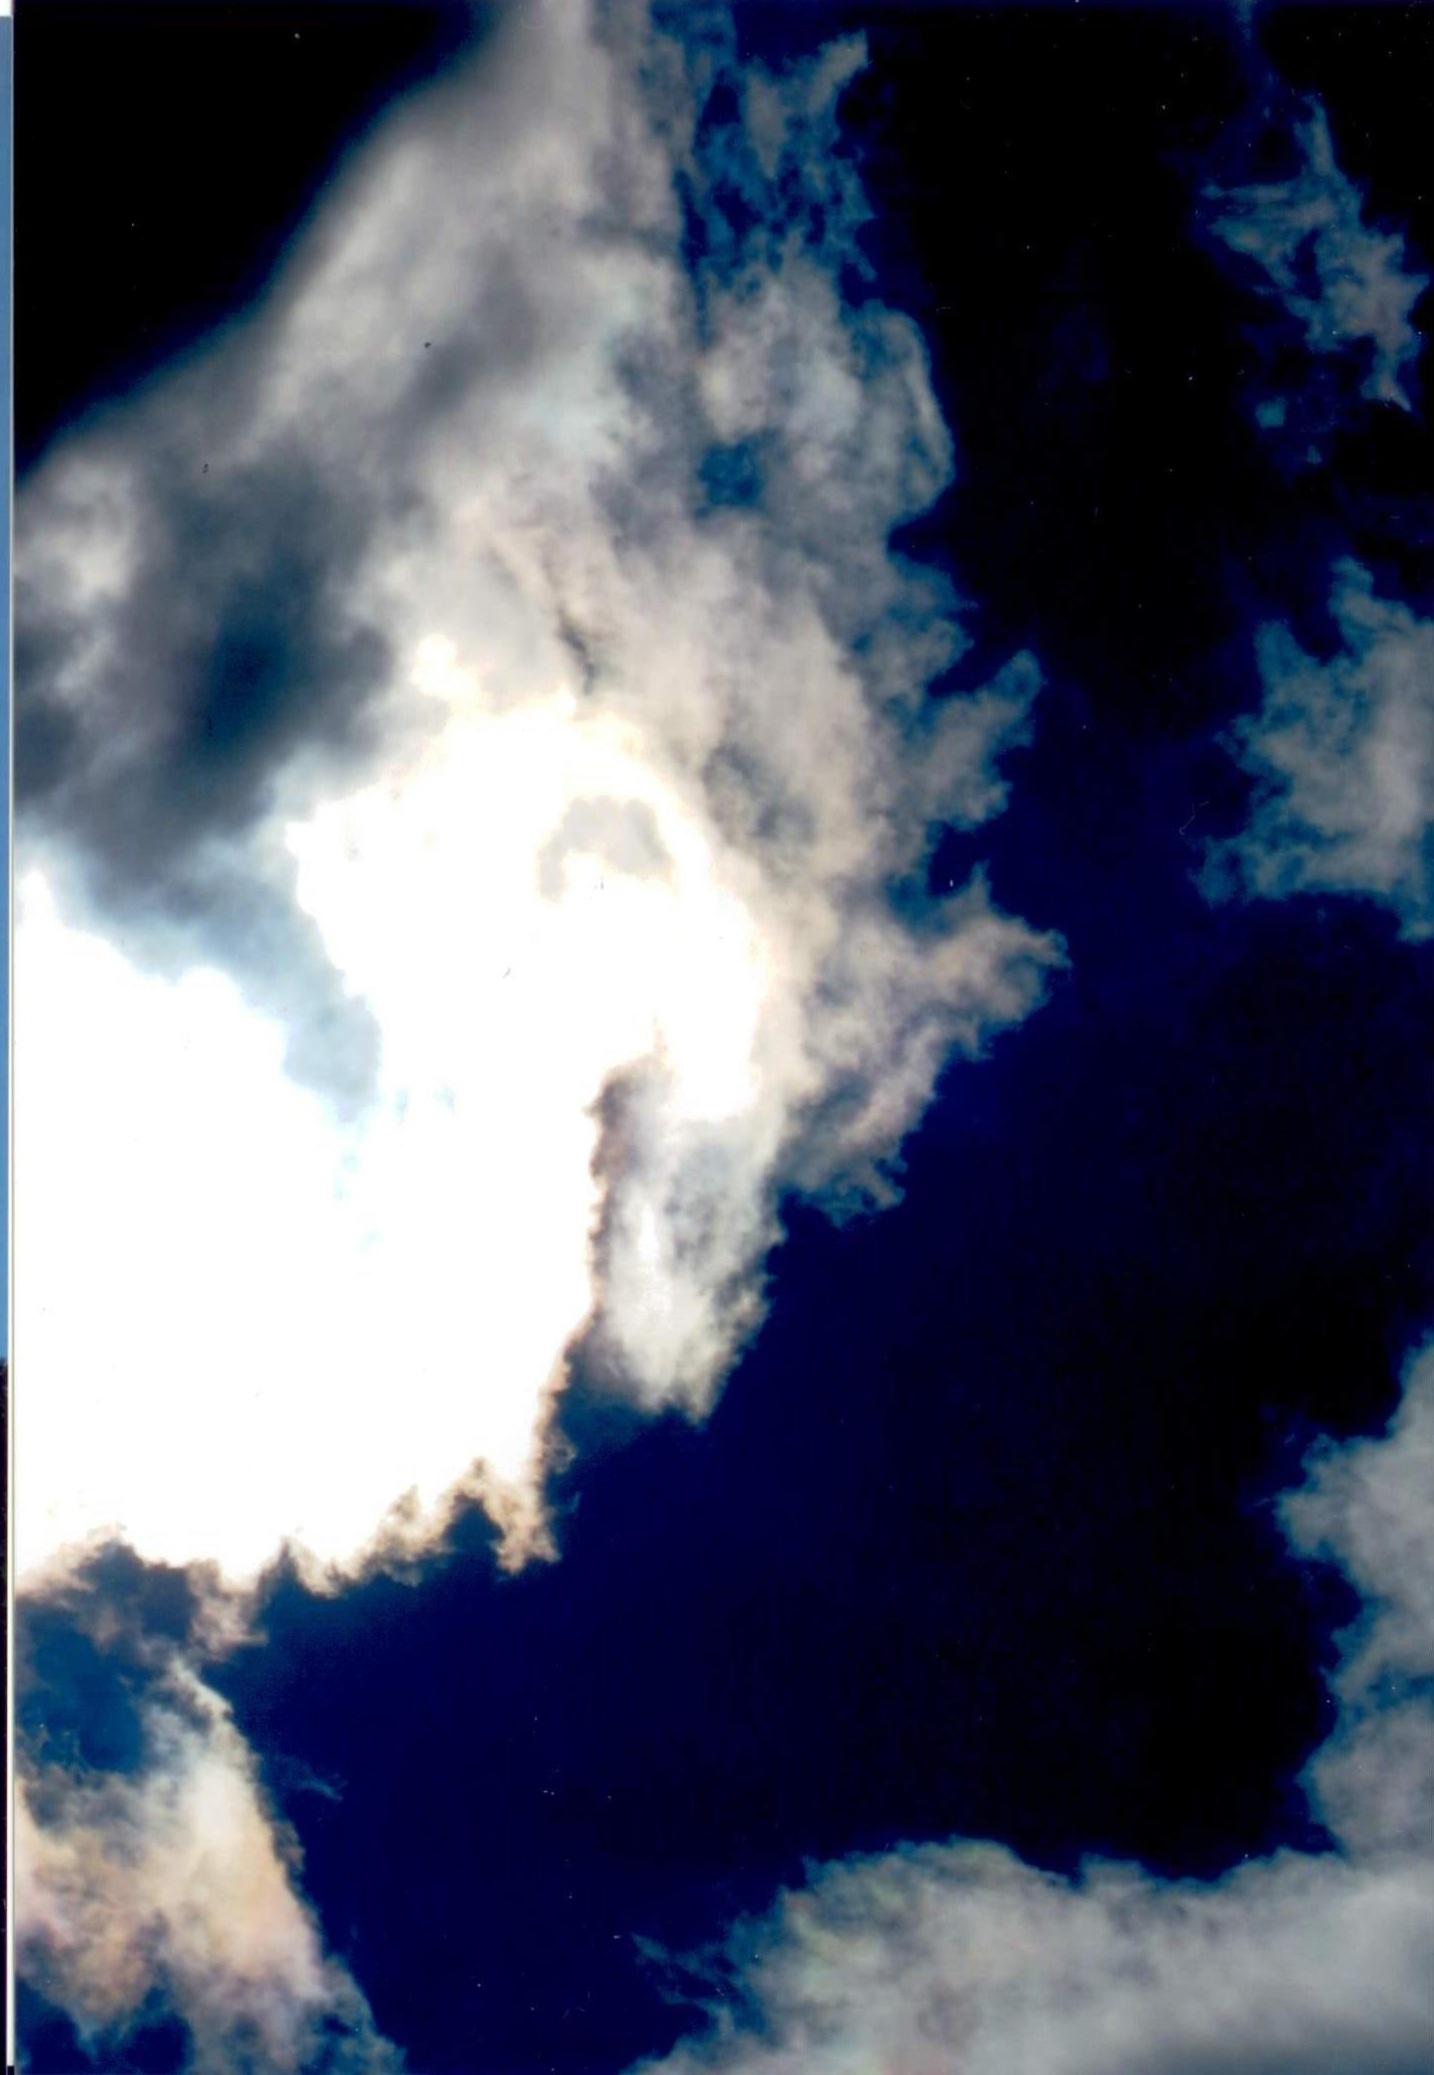 Qui nella foto di sopra ci sono i correnti spiriti si chiamano cosi perché lavorano per il demonio. La foto con il sole significa che vi porta la pace nel vostro cuore e la guarigione su di voi e le vostre famiglie.